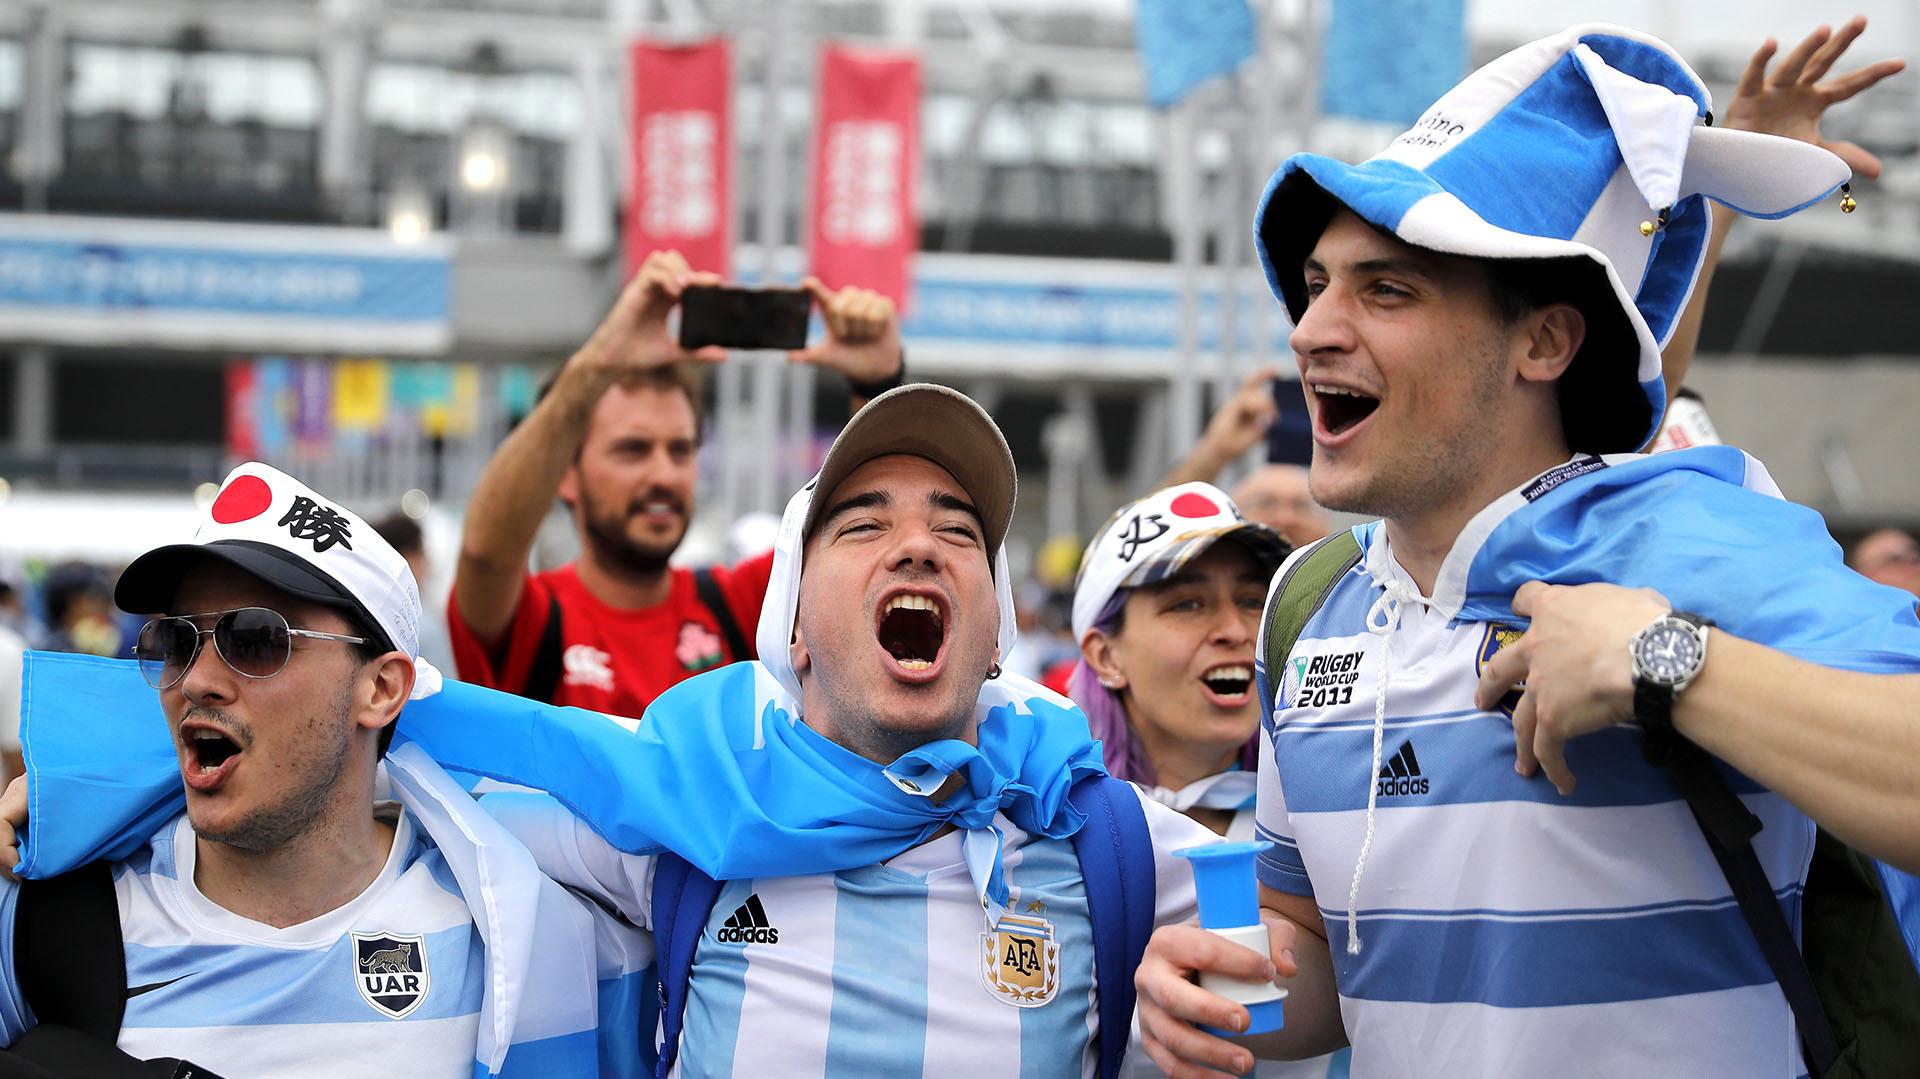 Los hinchas argentinos se acercaron en gran número hasta Tokio para ver el debut de Los Pumas en el Mundial de rugby(AP Photo/Christophe Ena)